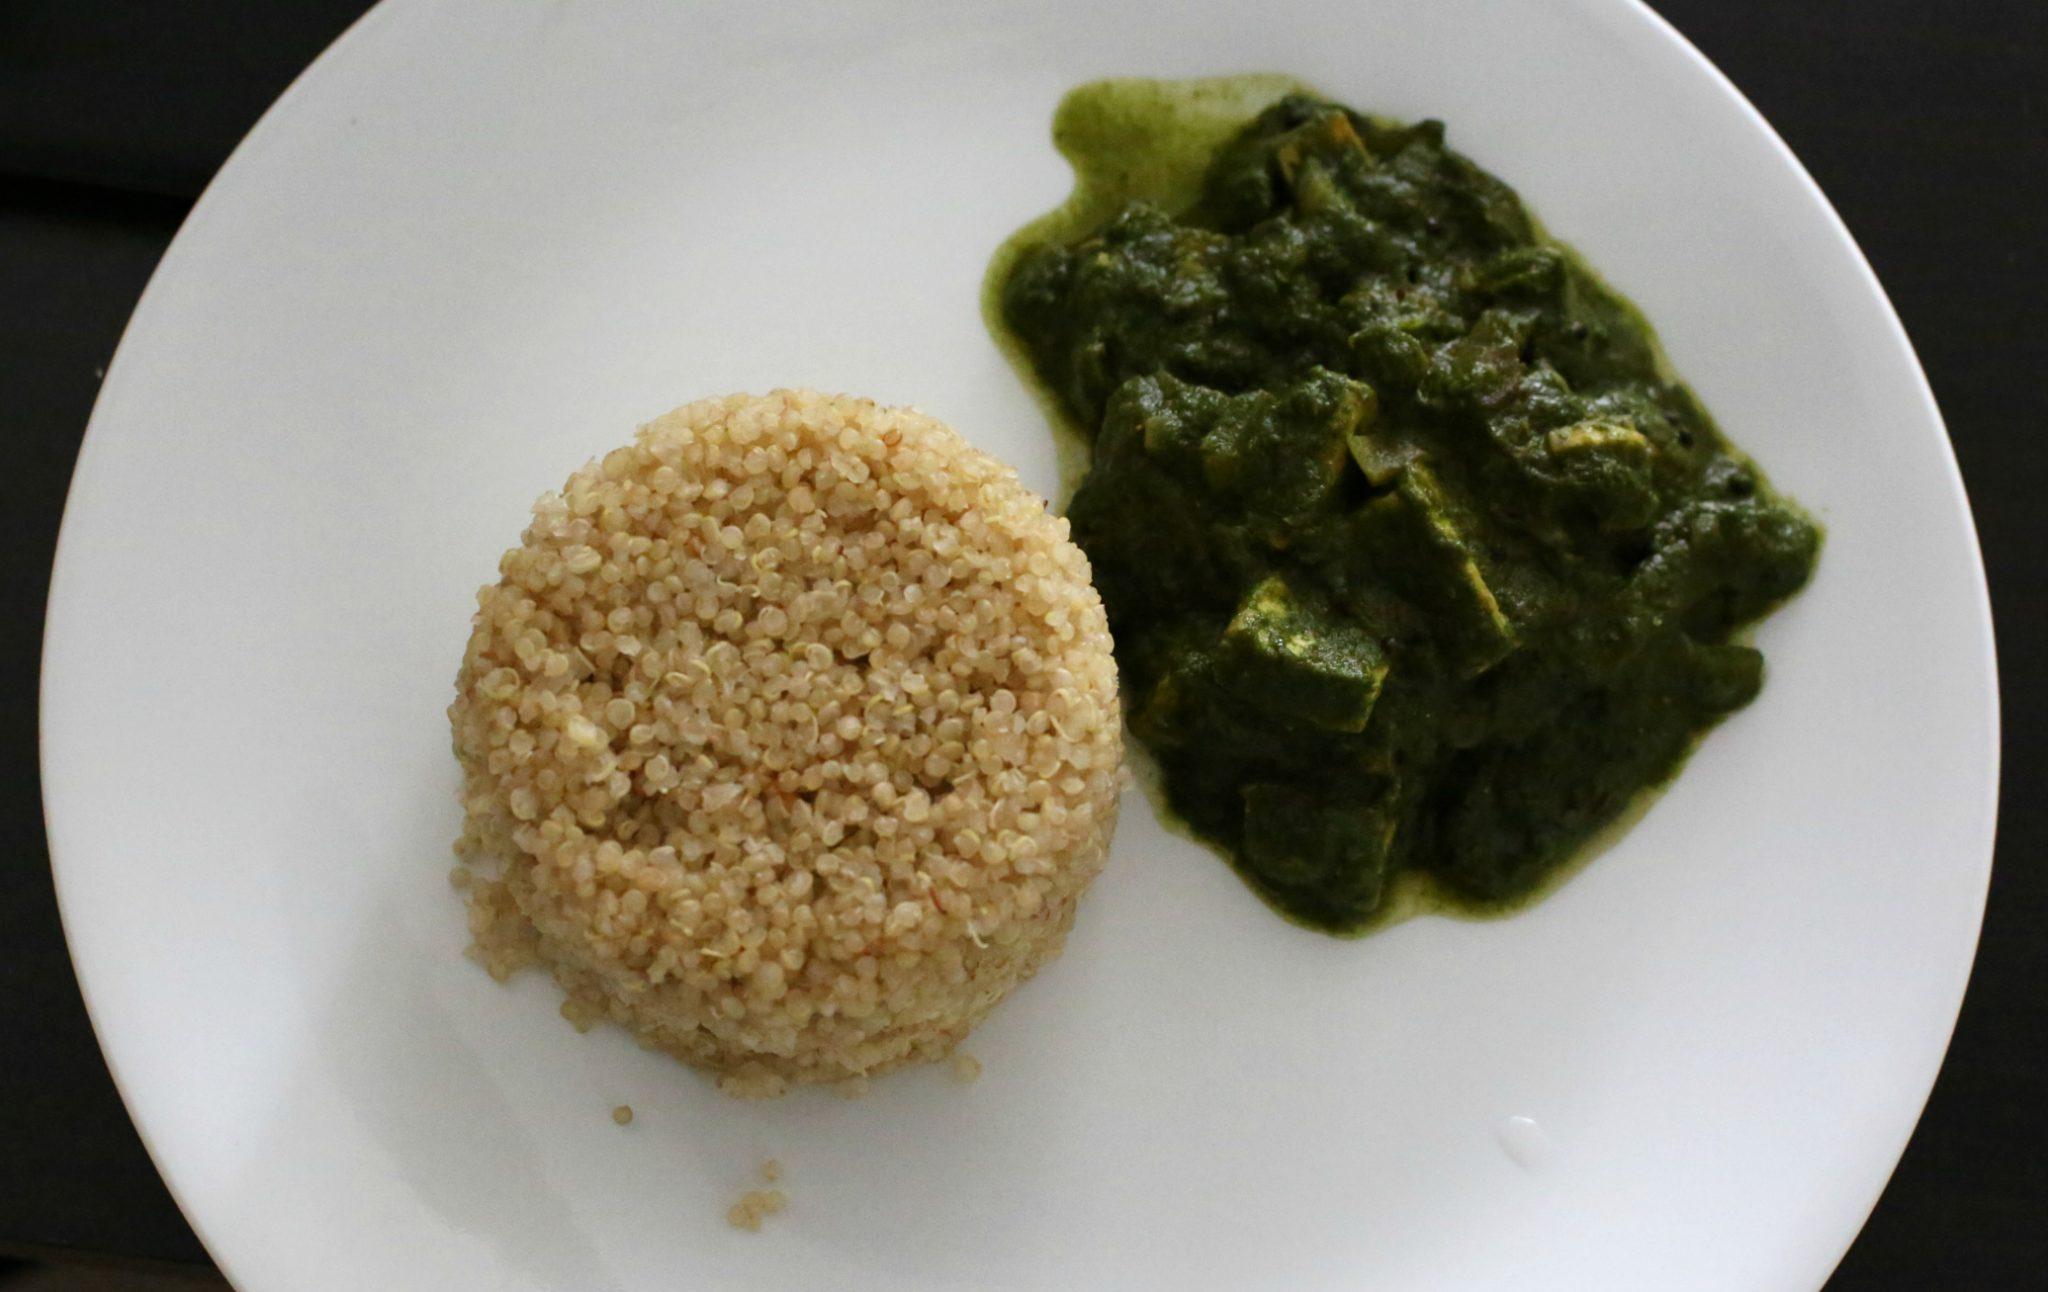 spinach-tofu-quinoa